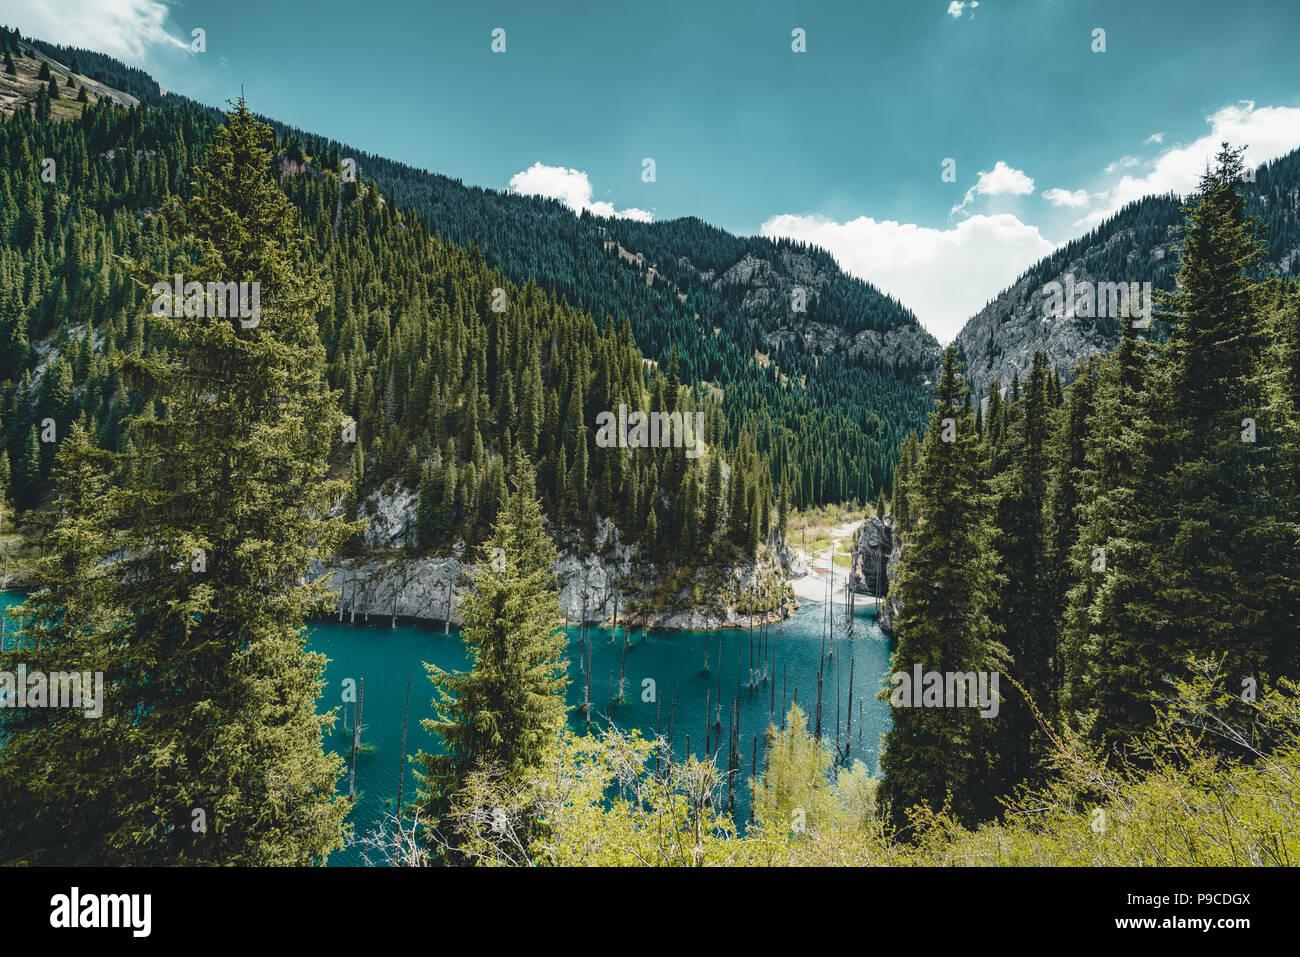 Die versunkene Wald von Lake Kaindy. Lake Kaindy, d. h. der 'Birke See' ist ein 400 Meter langer See in Kasachstan, die Tiefe in der Nähe von 30 m in einigen Bereichen erreicht. Stockbild